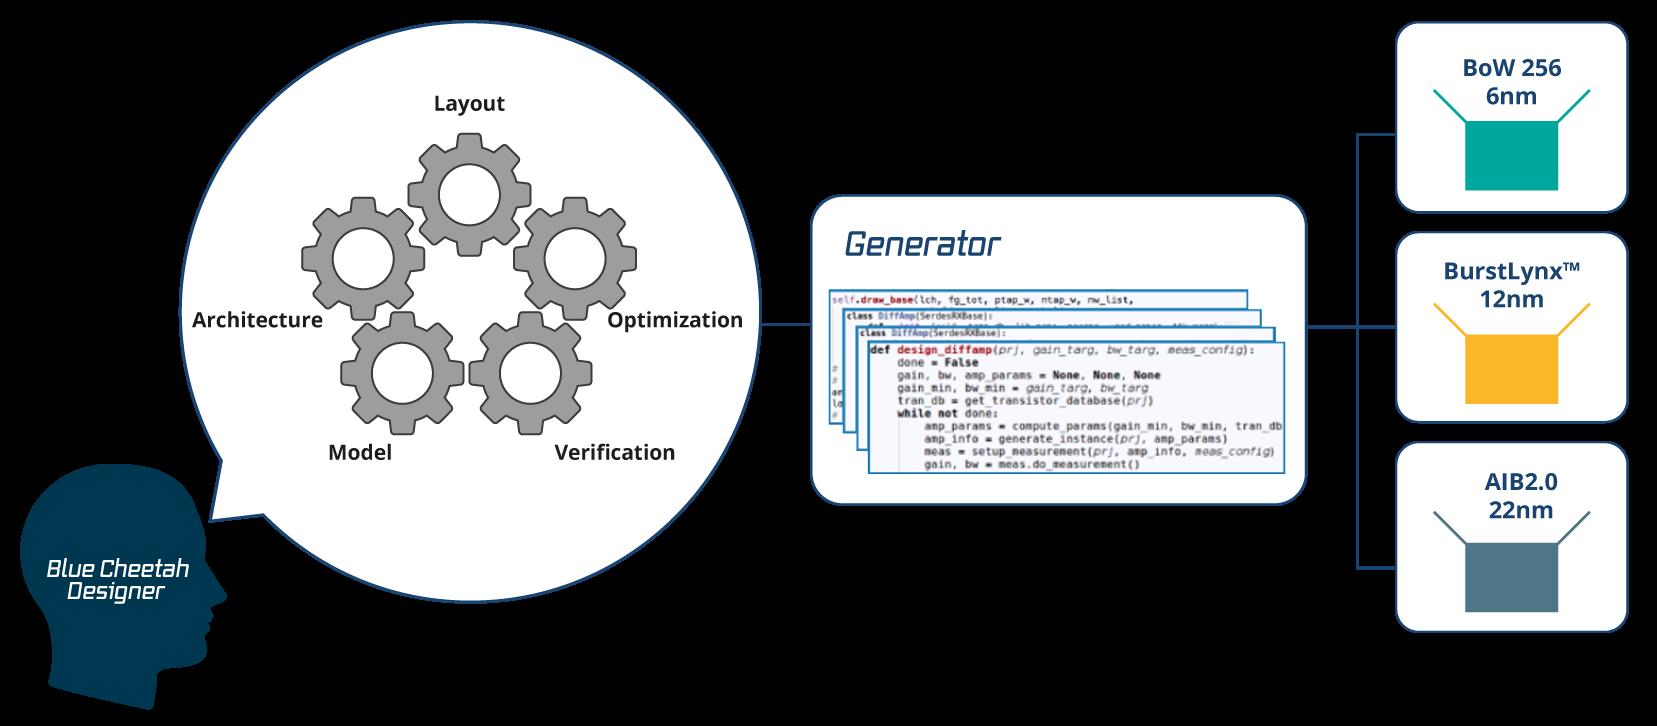 Blue Cheetah Generator Diagram